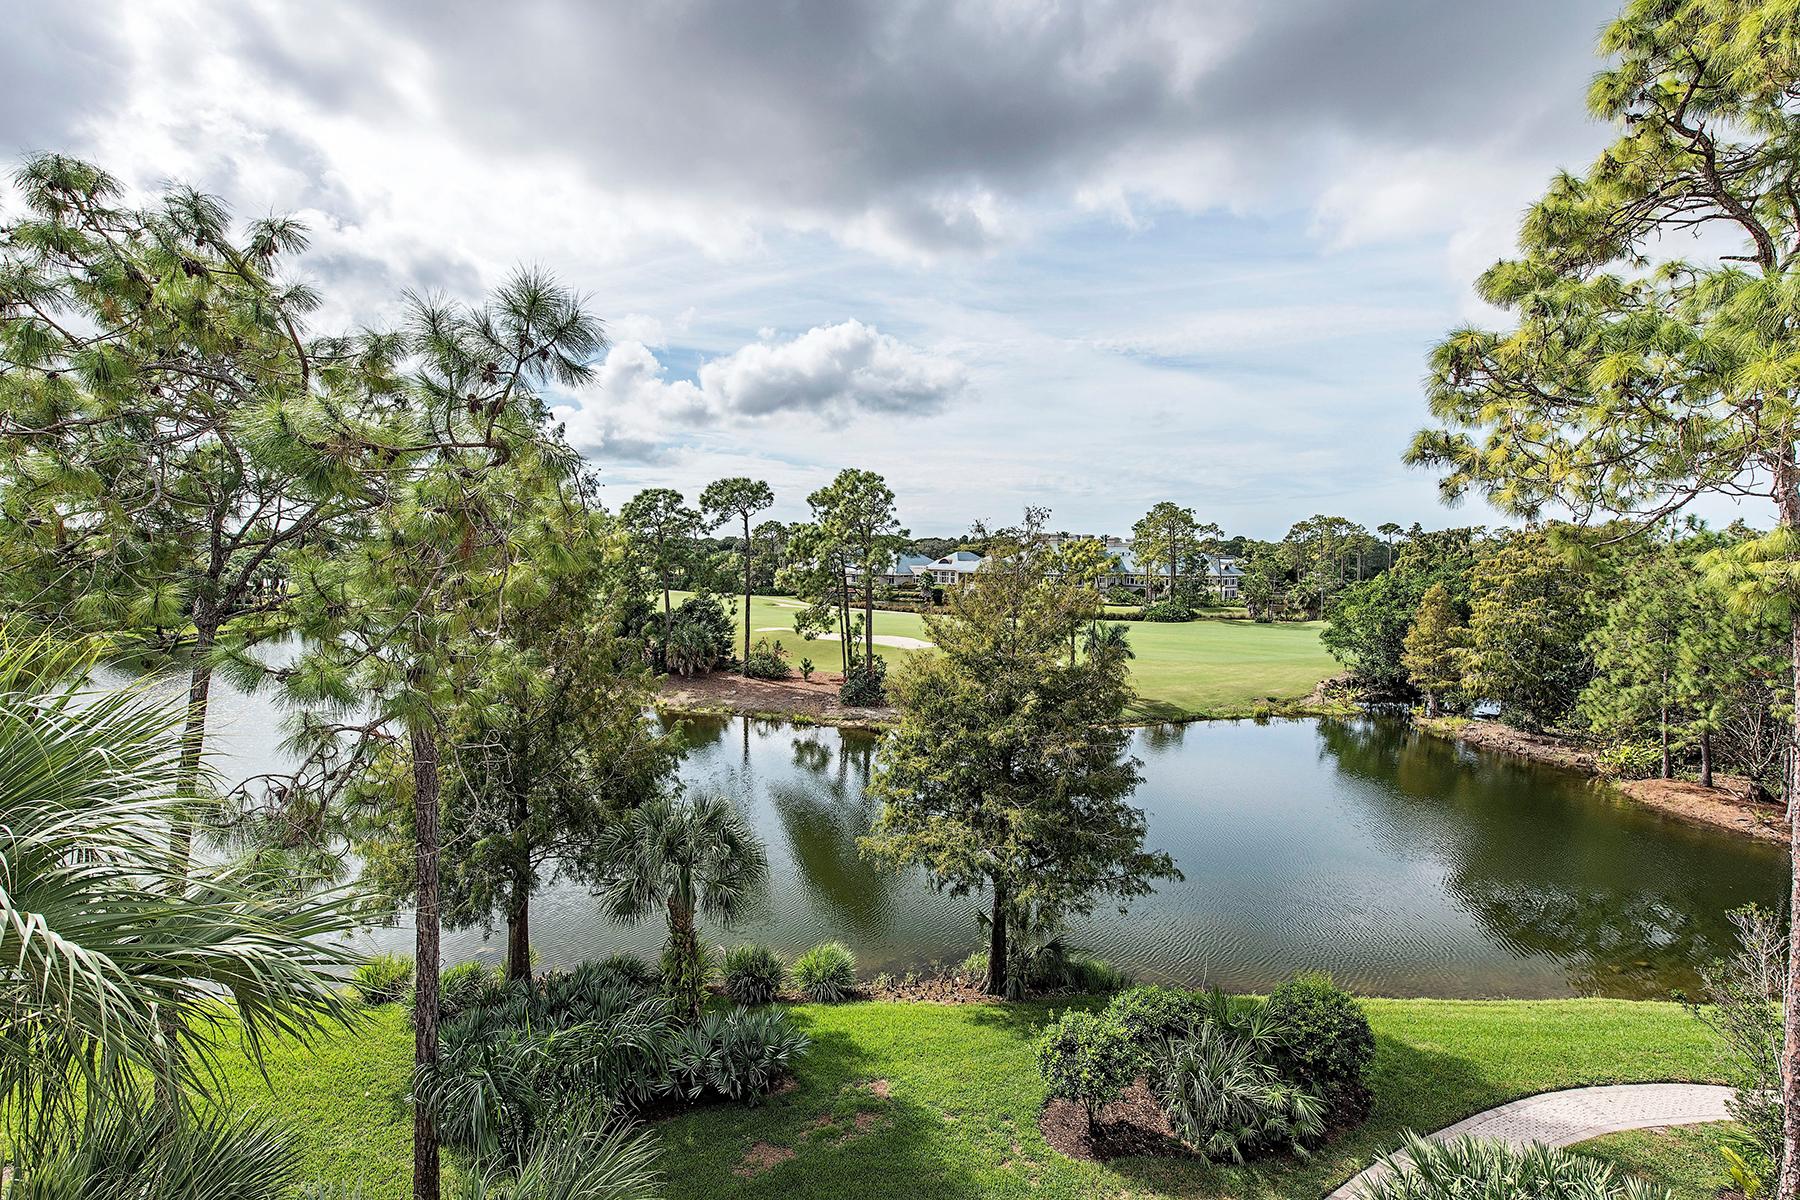 Property For Sale at 2640 Grey Oaks Dr N, B-28, Naples, FL 34105